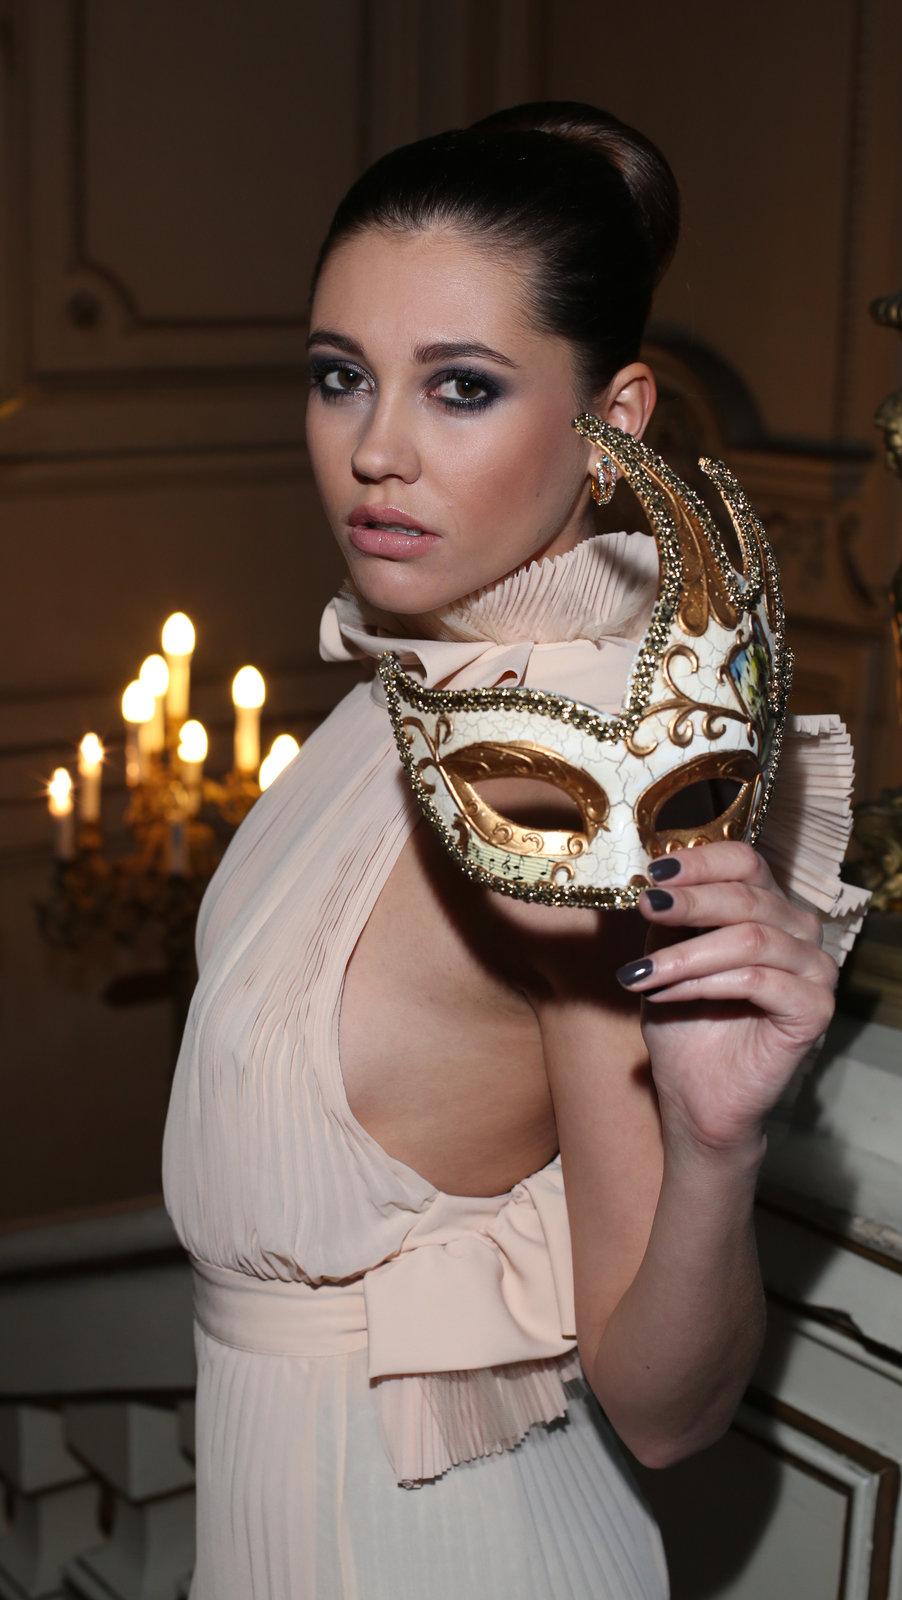 Hana Svobodová se zúčastní slavnostního karnevalu Masquerade